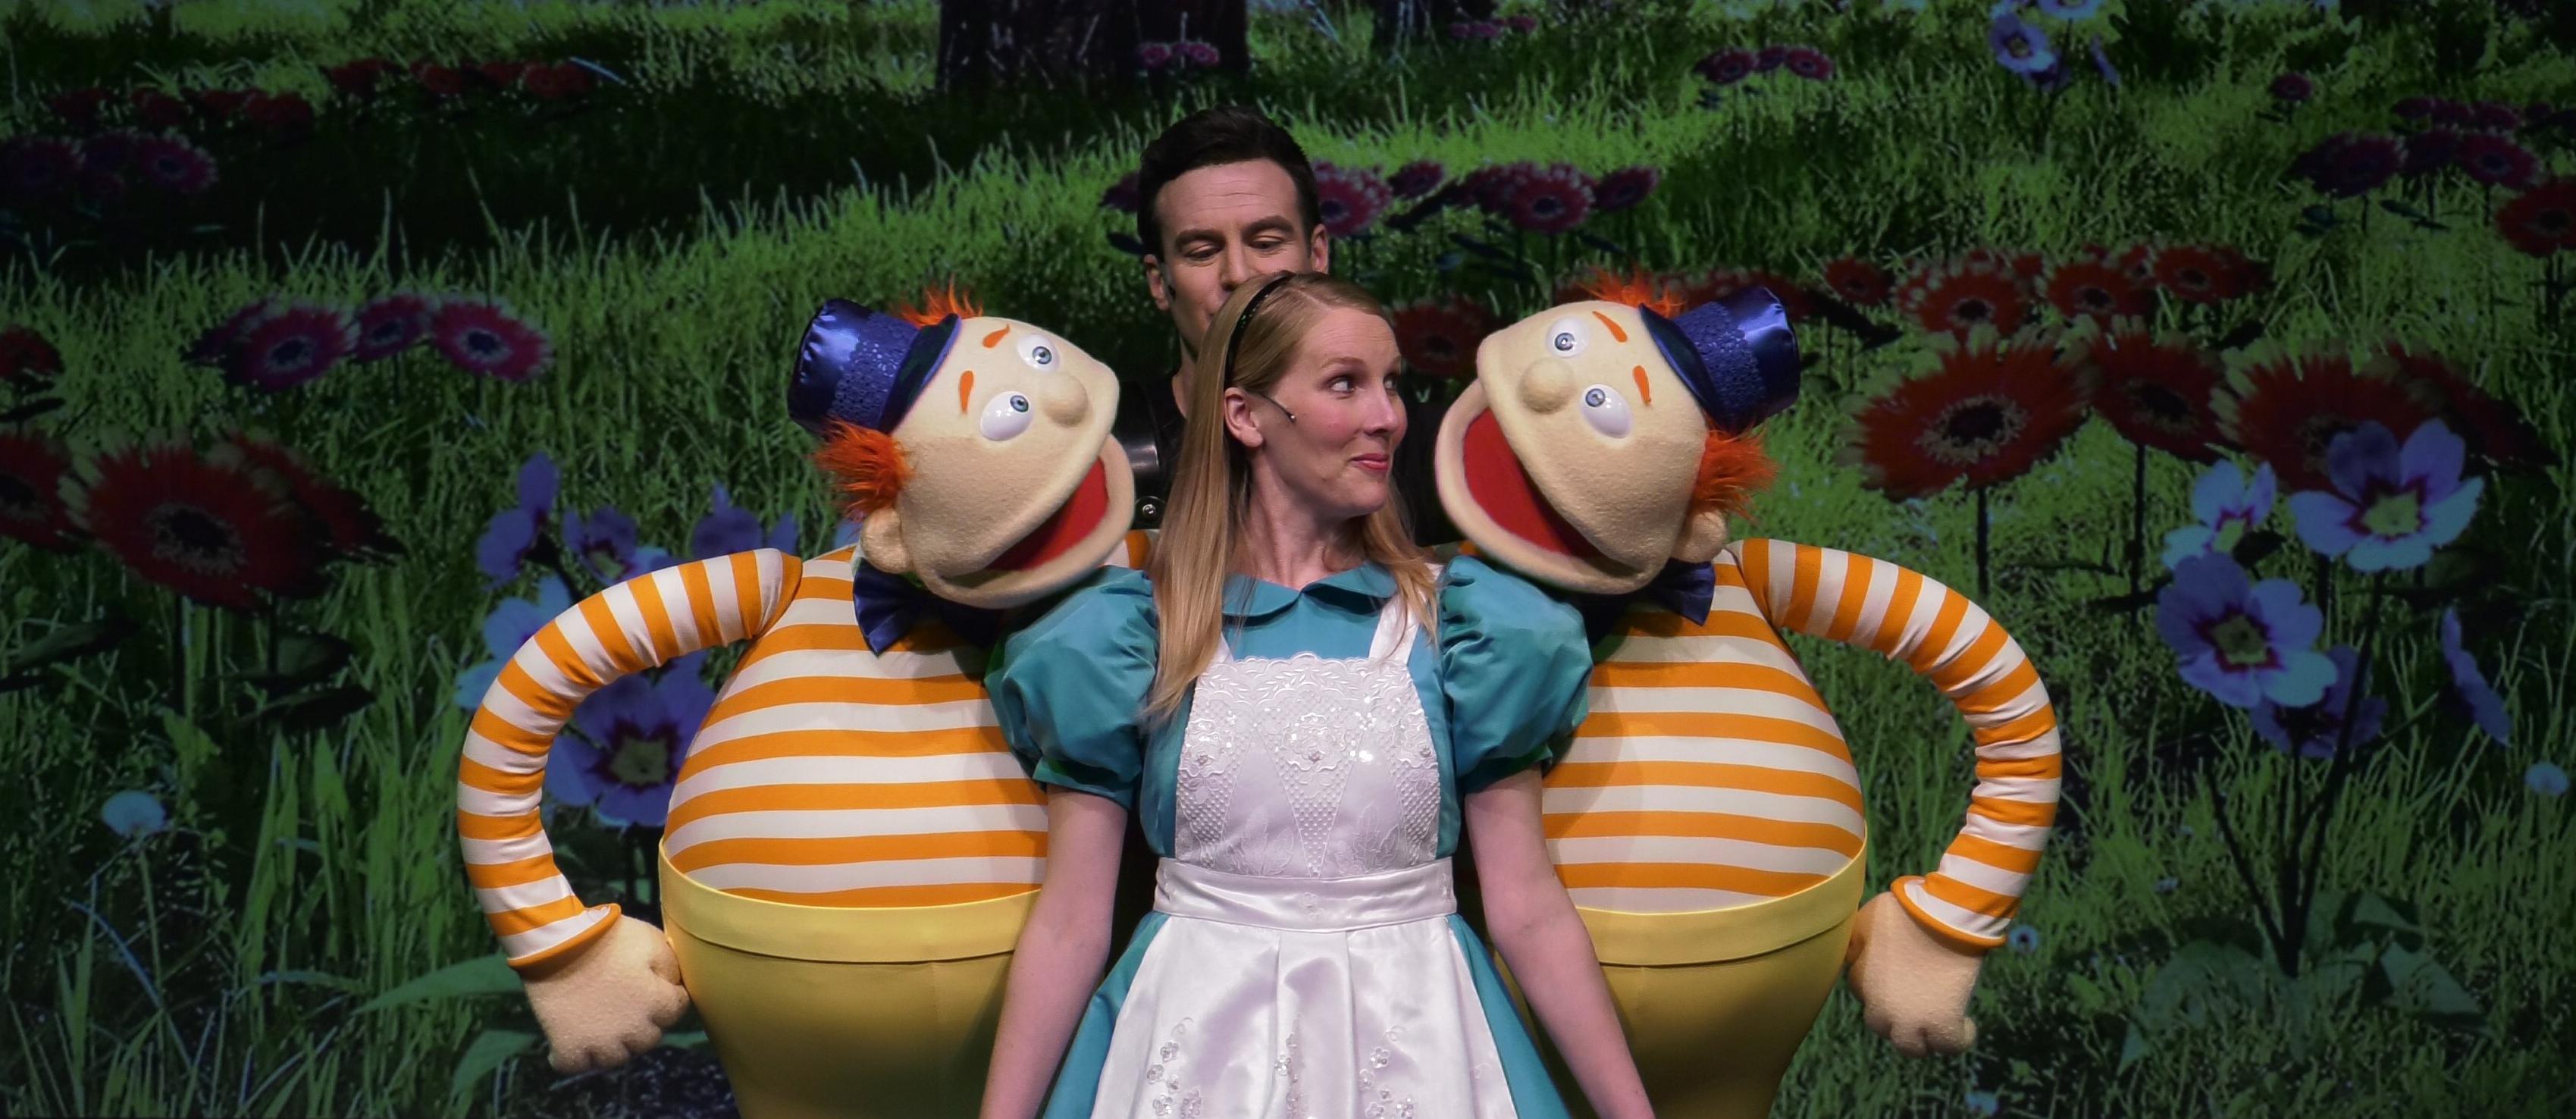 DLux Puppets: Alice In Wonderland